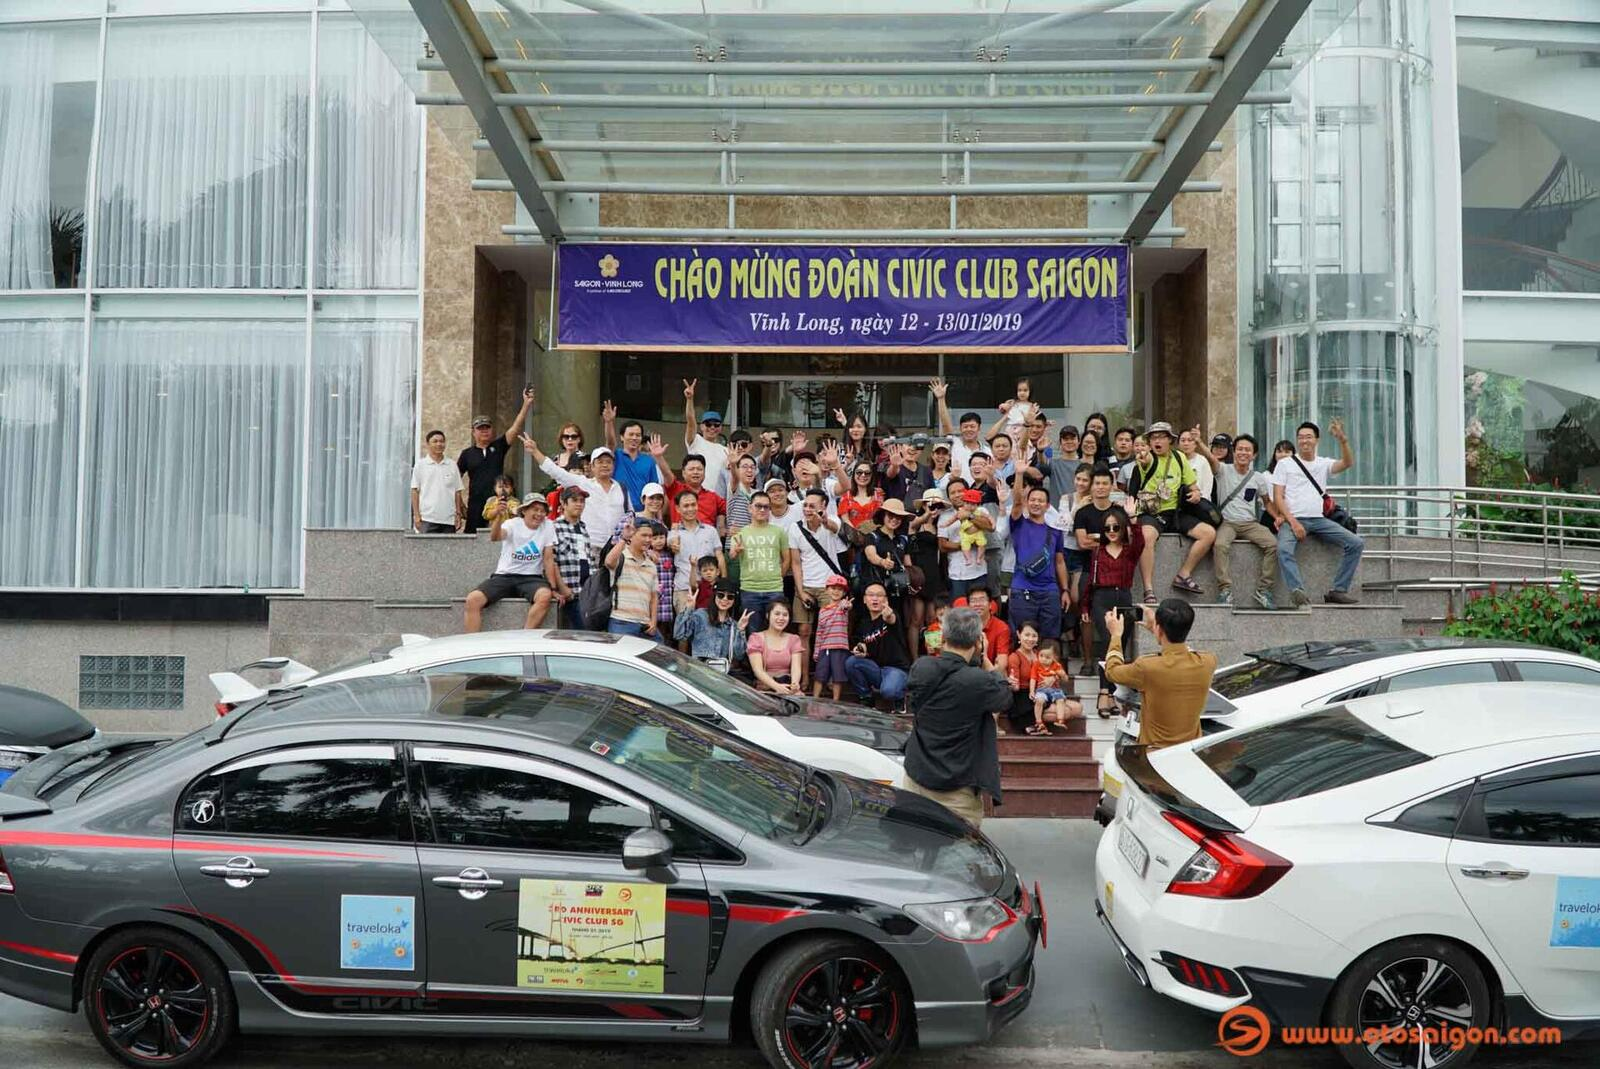 Civic Club Saigon tổ chức offline kỷ niệm sinh nhật lần thứ 3 - Hình 31